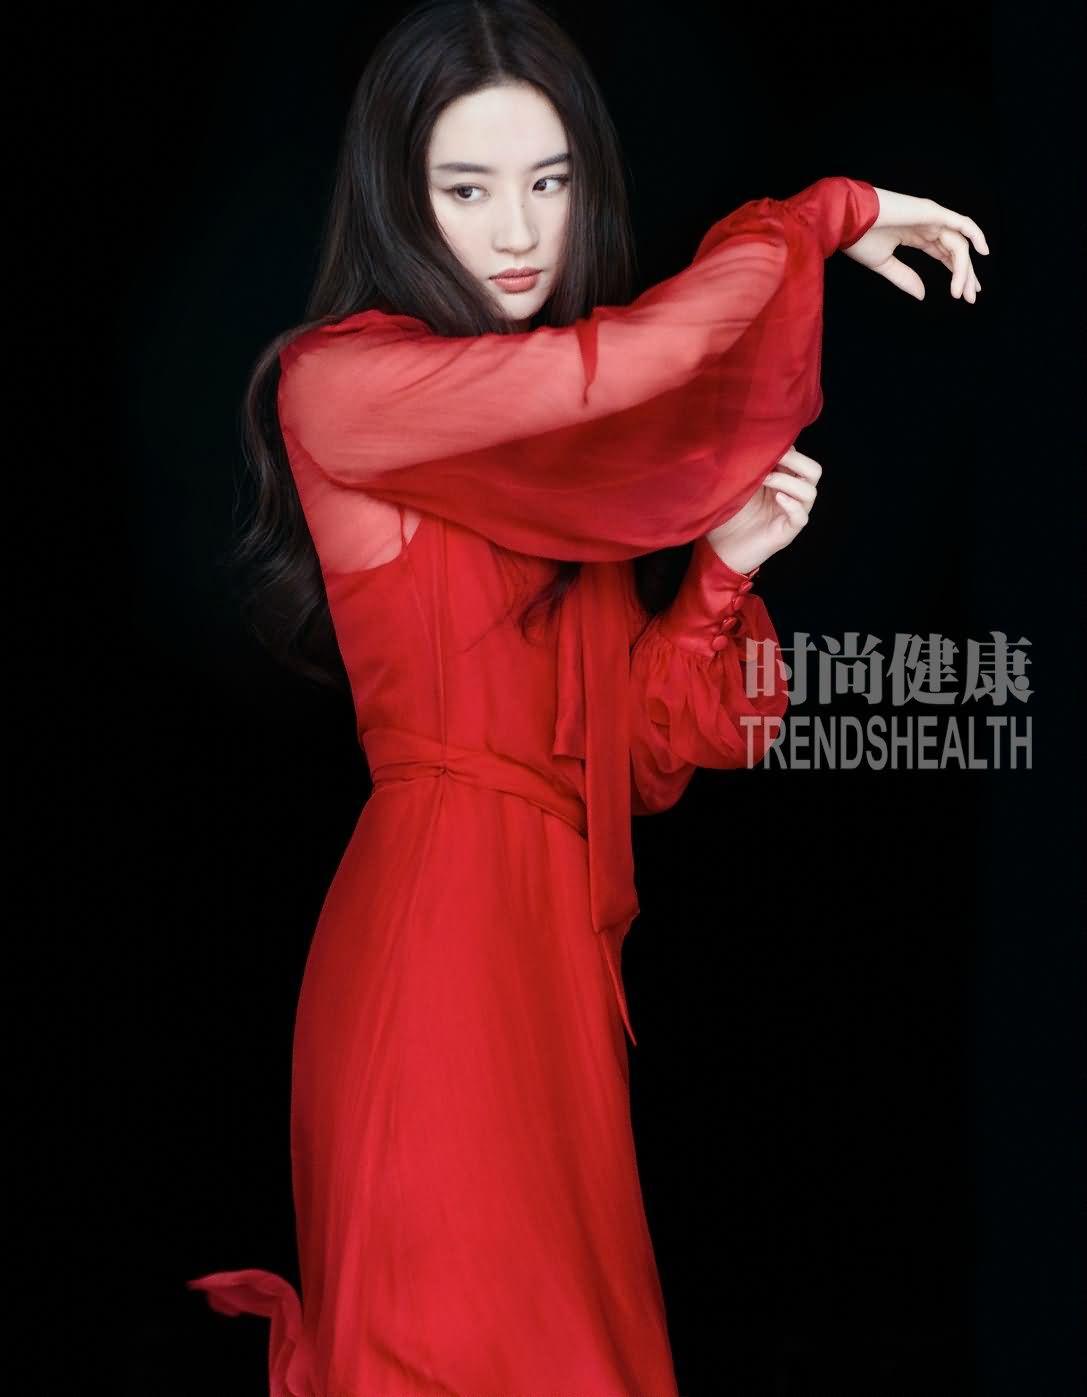 时尚健康9月刊封面人物《刘亦菲》[扫描照+官宣照]